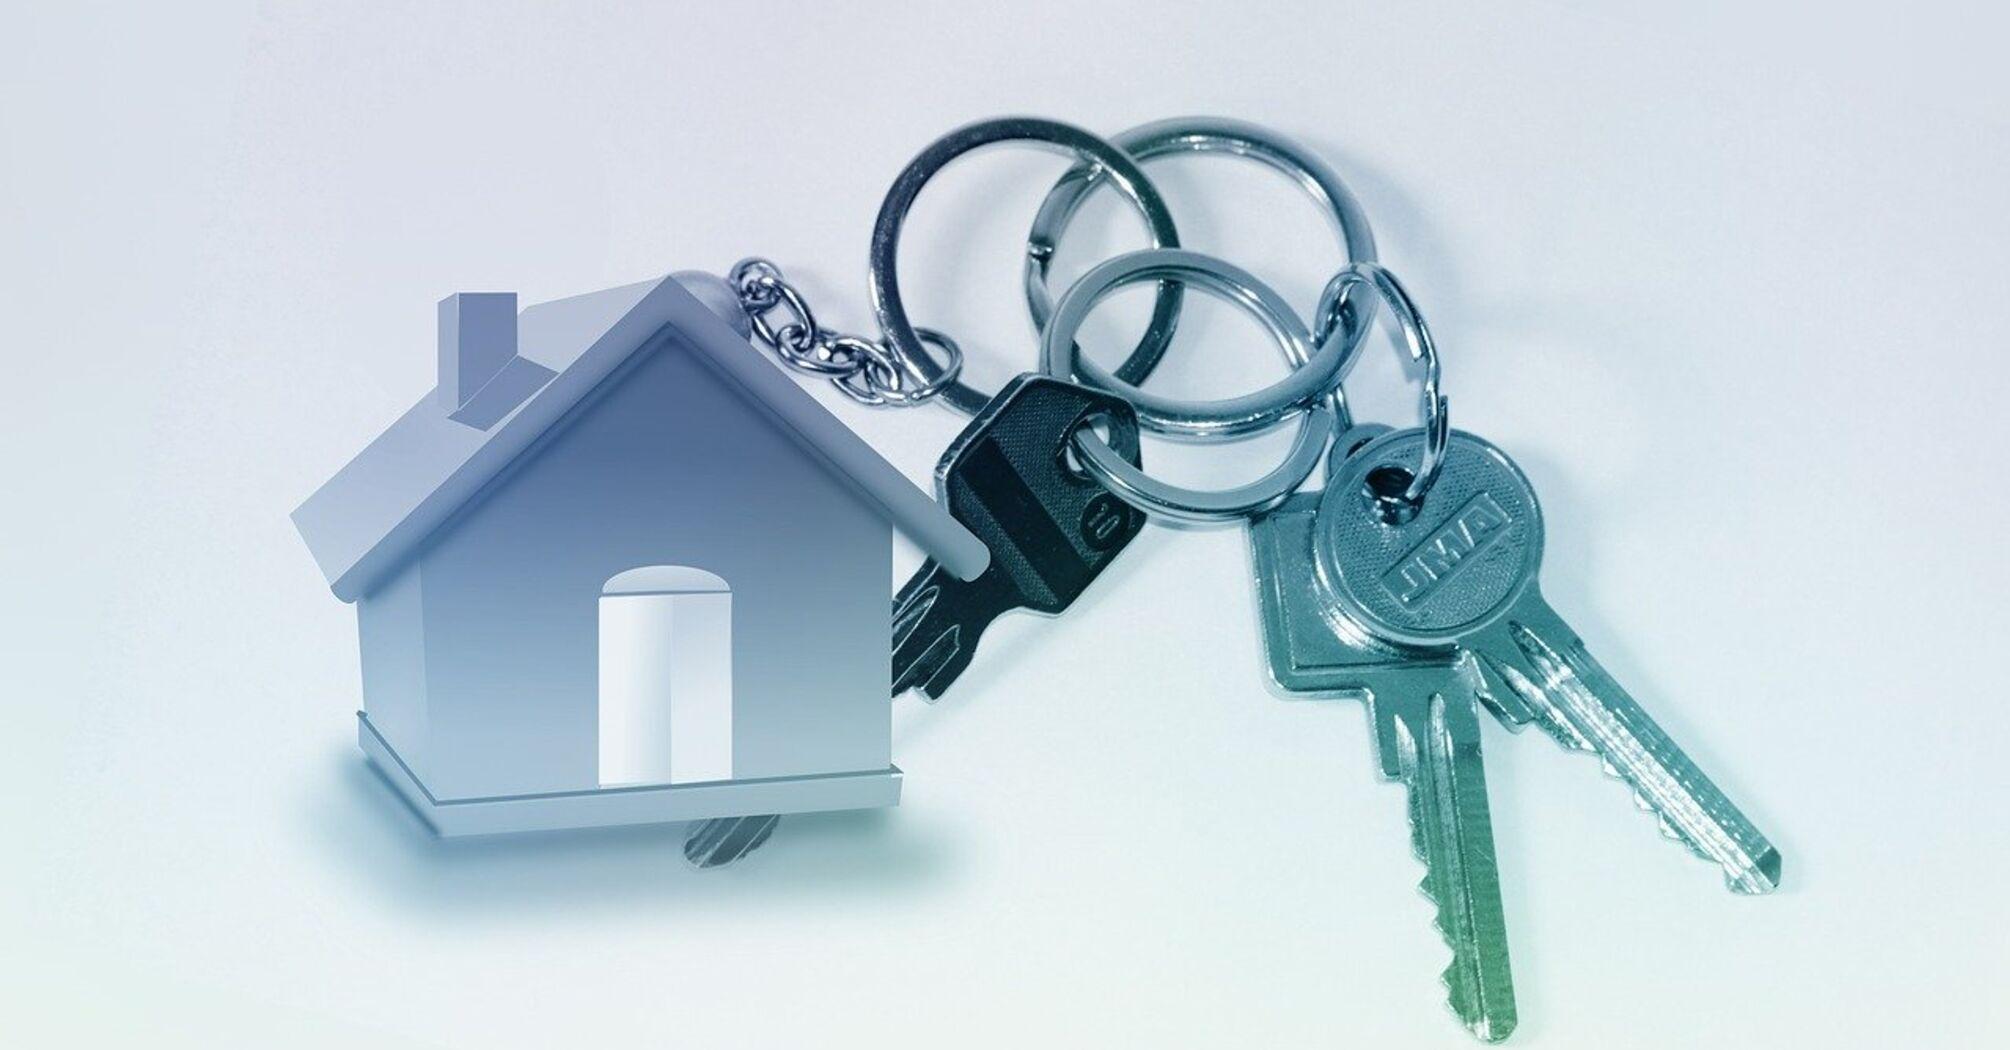 """Аренду жилья хотят изменить, а риелторов - вывести из """"тени"""""""